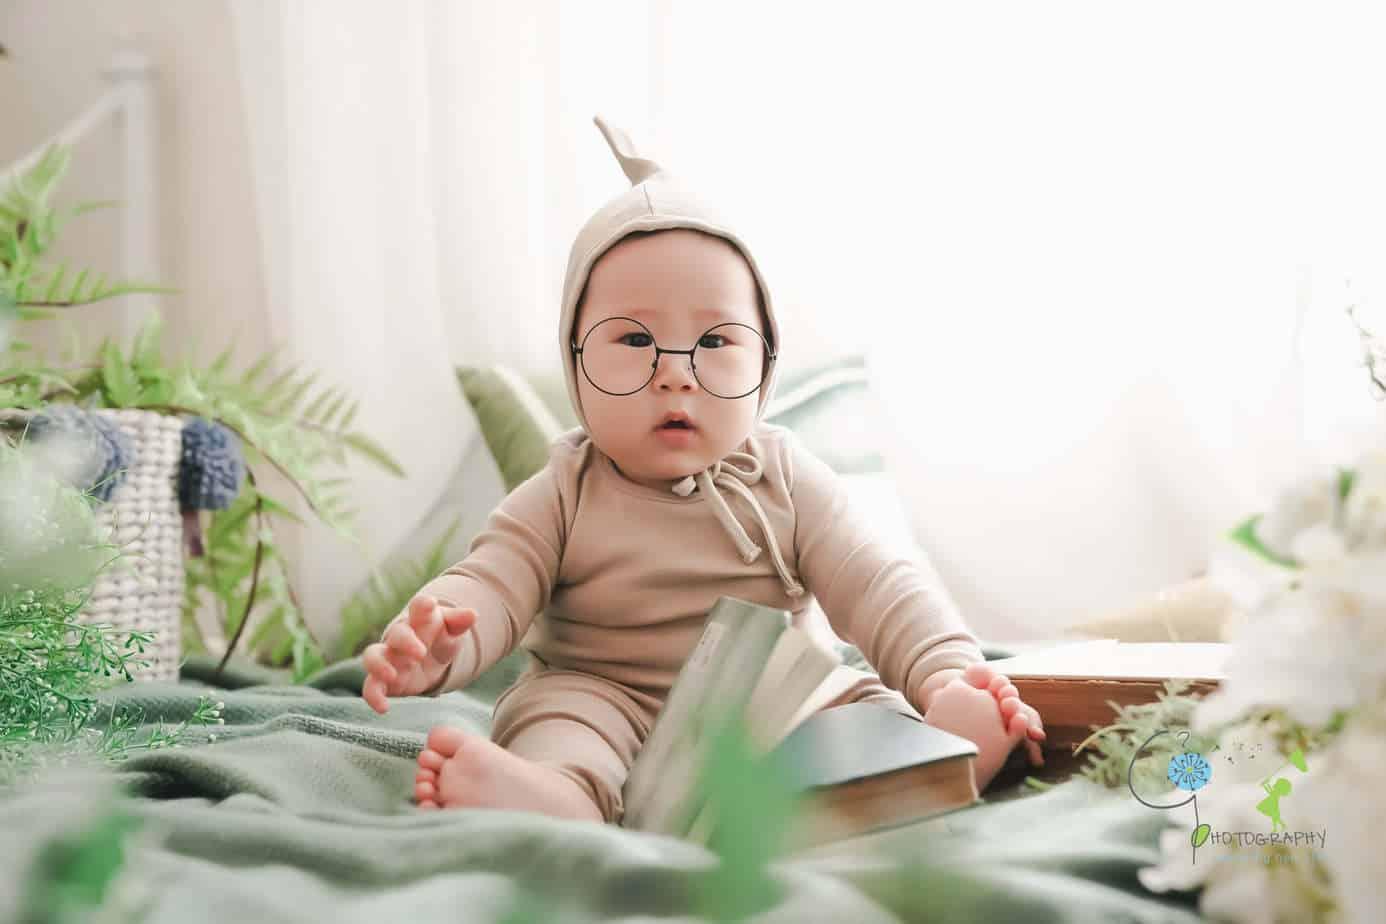 Top 10 Studio Chụp Ảnh Cho Bé Sơ Sinh Tại Nhà Được Yêu Thích Nhất - studio chụp ảnh cho bé sơ sinh tại nhà - Aloha Baby Studio | Ảnh Viện Suri Việt Nam | Bống Baby House 55